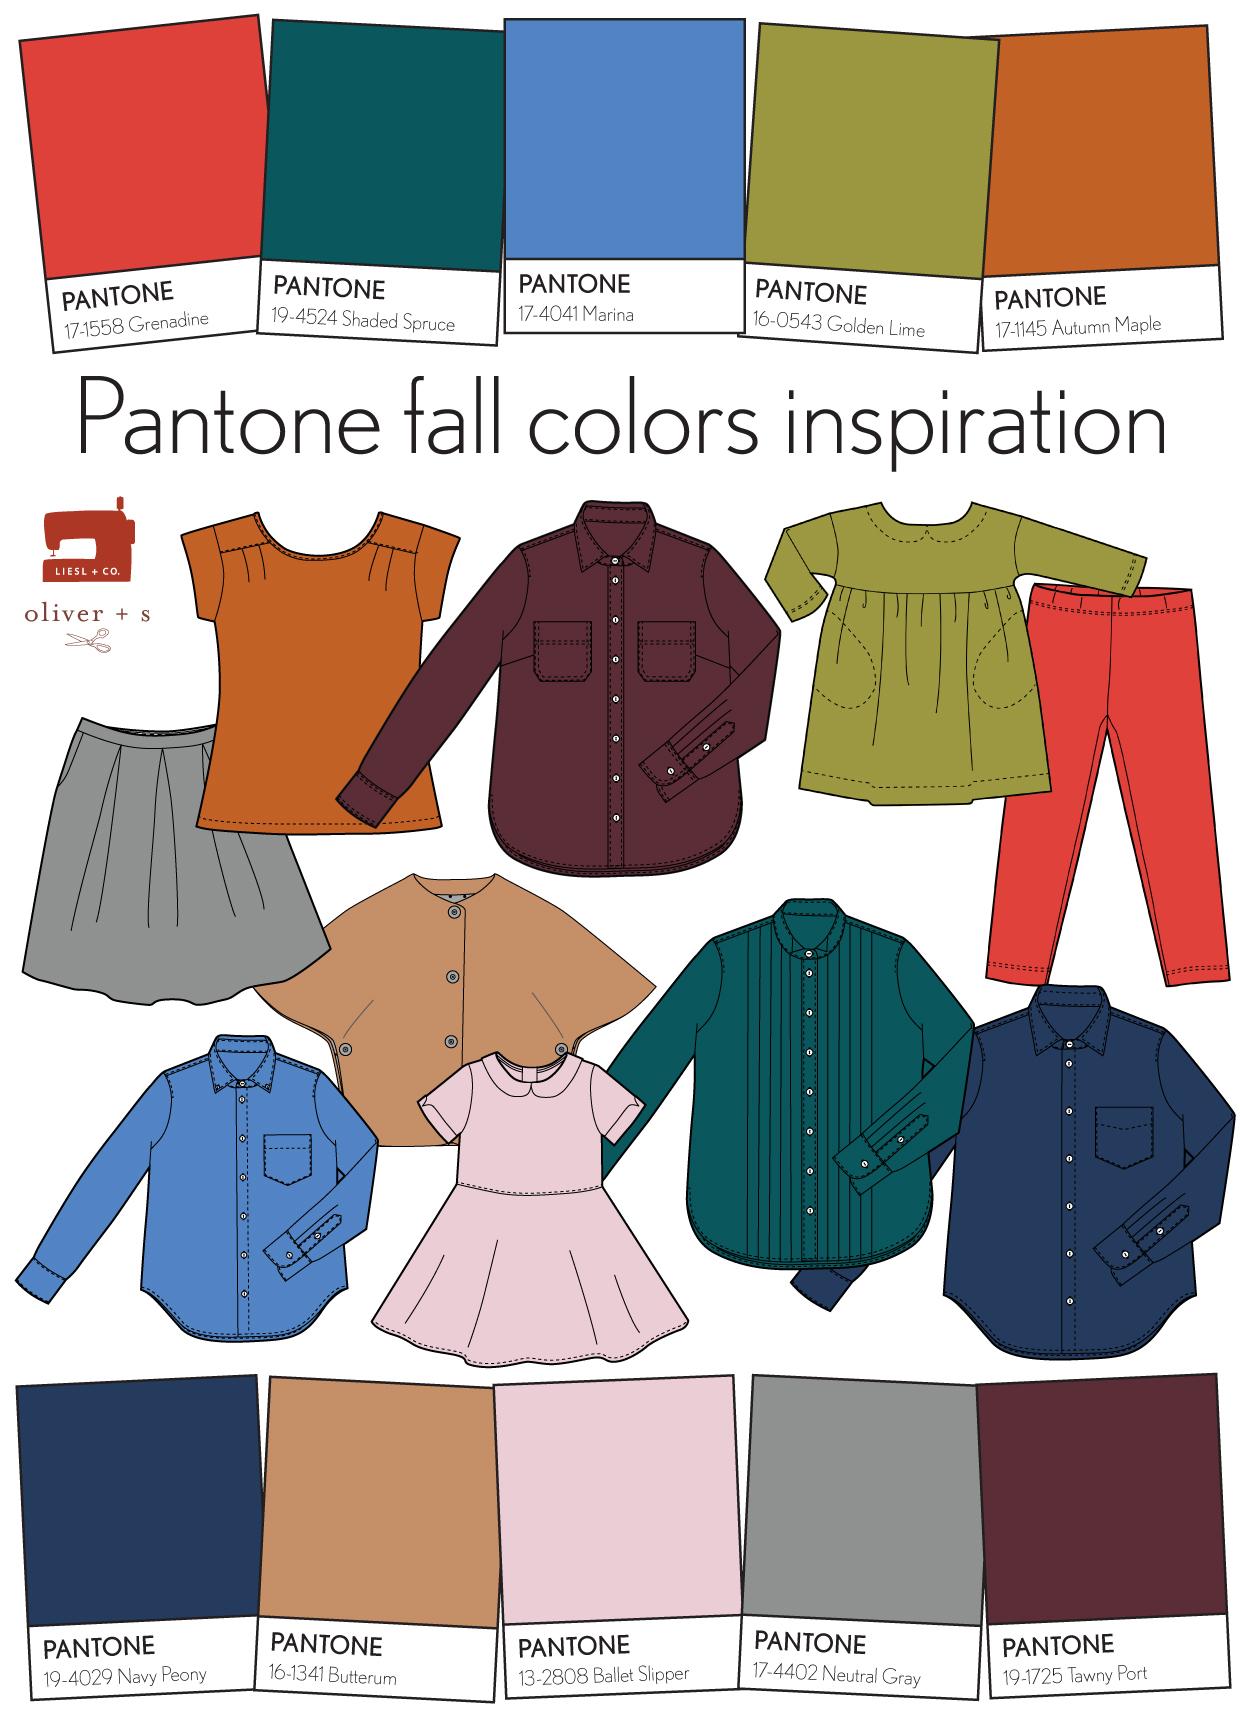 Pantone Fall 2017 Colors